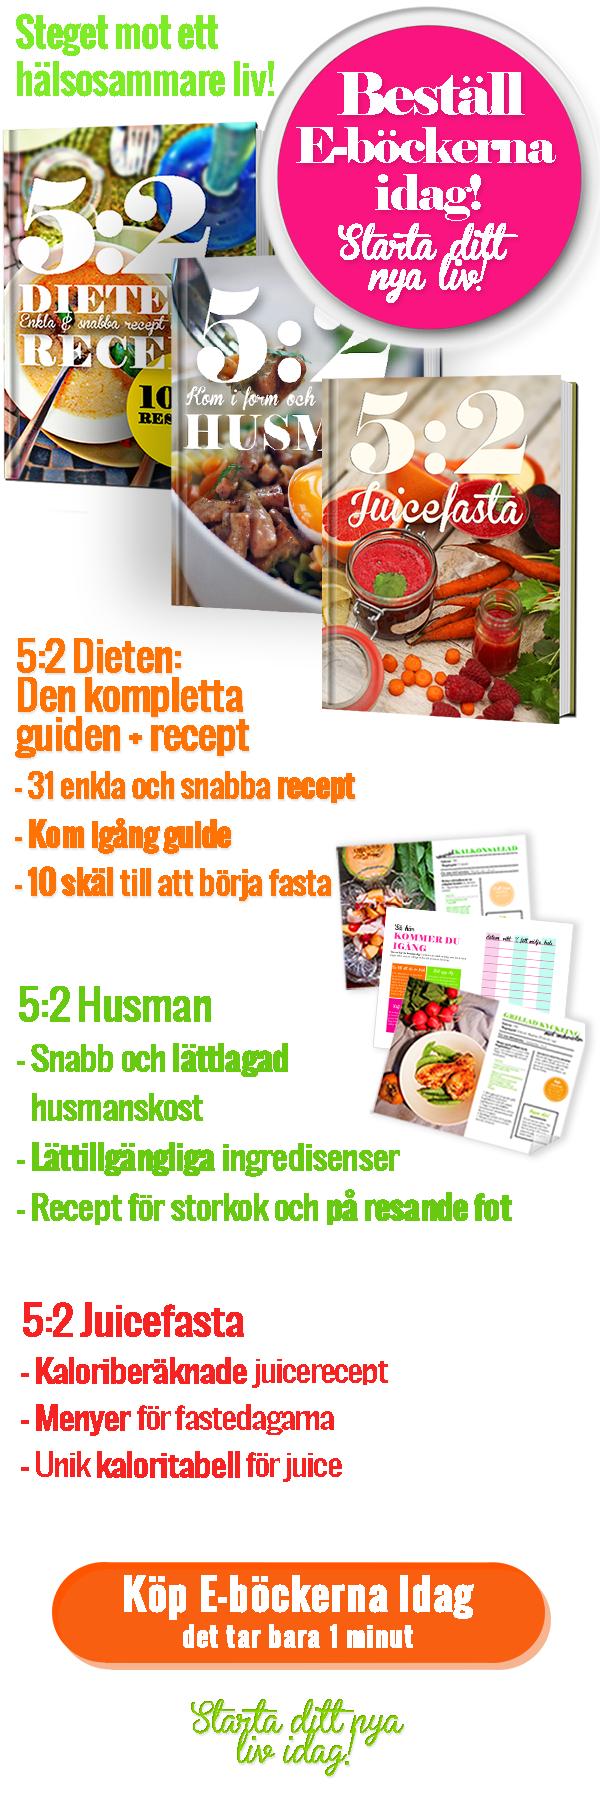 diet 5 2 metoden recept